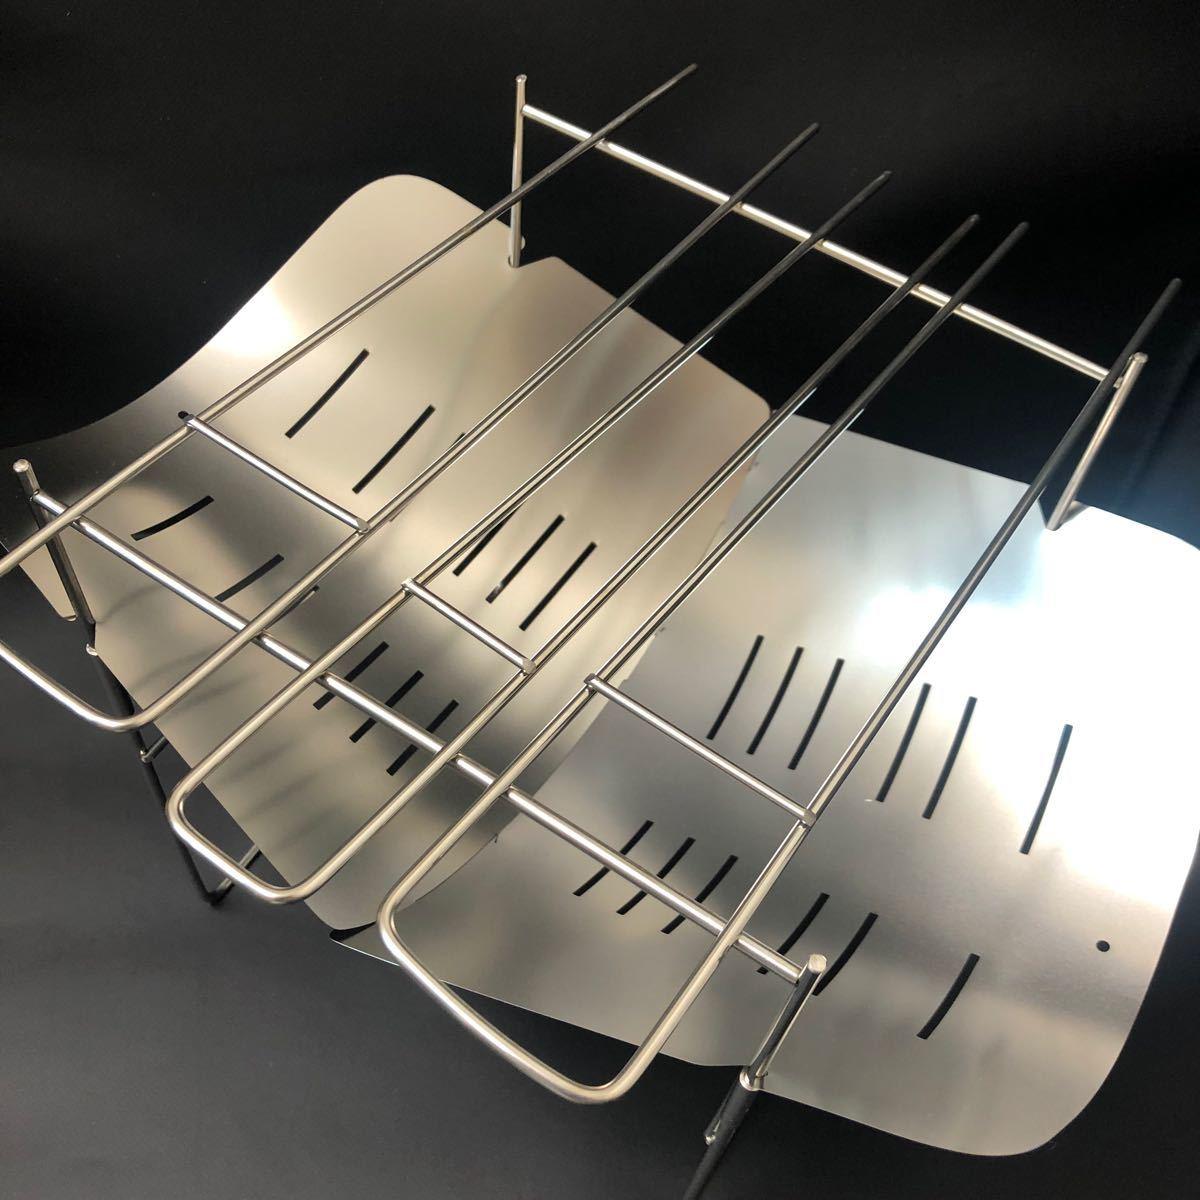 焚き火台 折り畳み式 お得セット付き バーベキューコンロ スピット3本付き